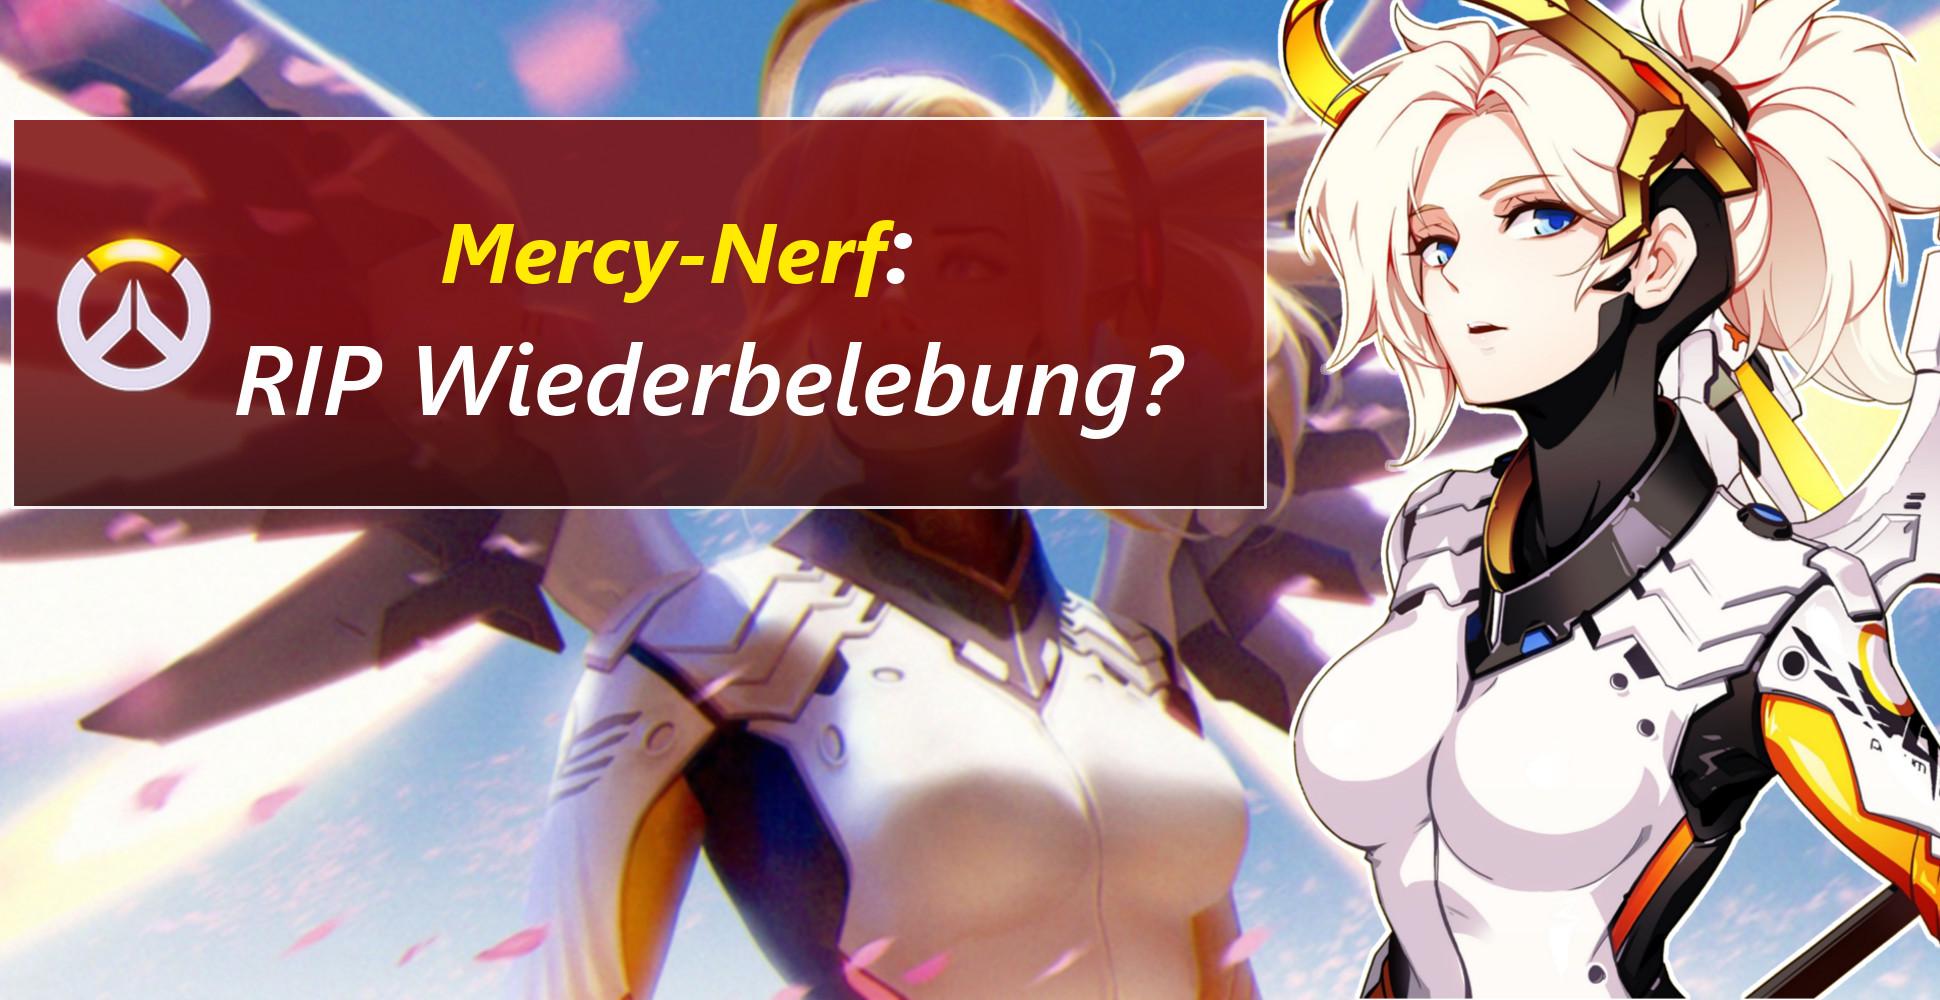 Overwatch: Mercy-Nerf – Wiederbelebung wird geschwächt!